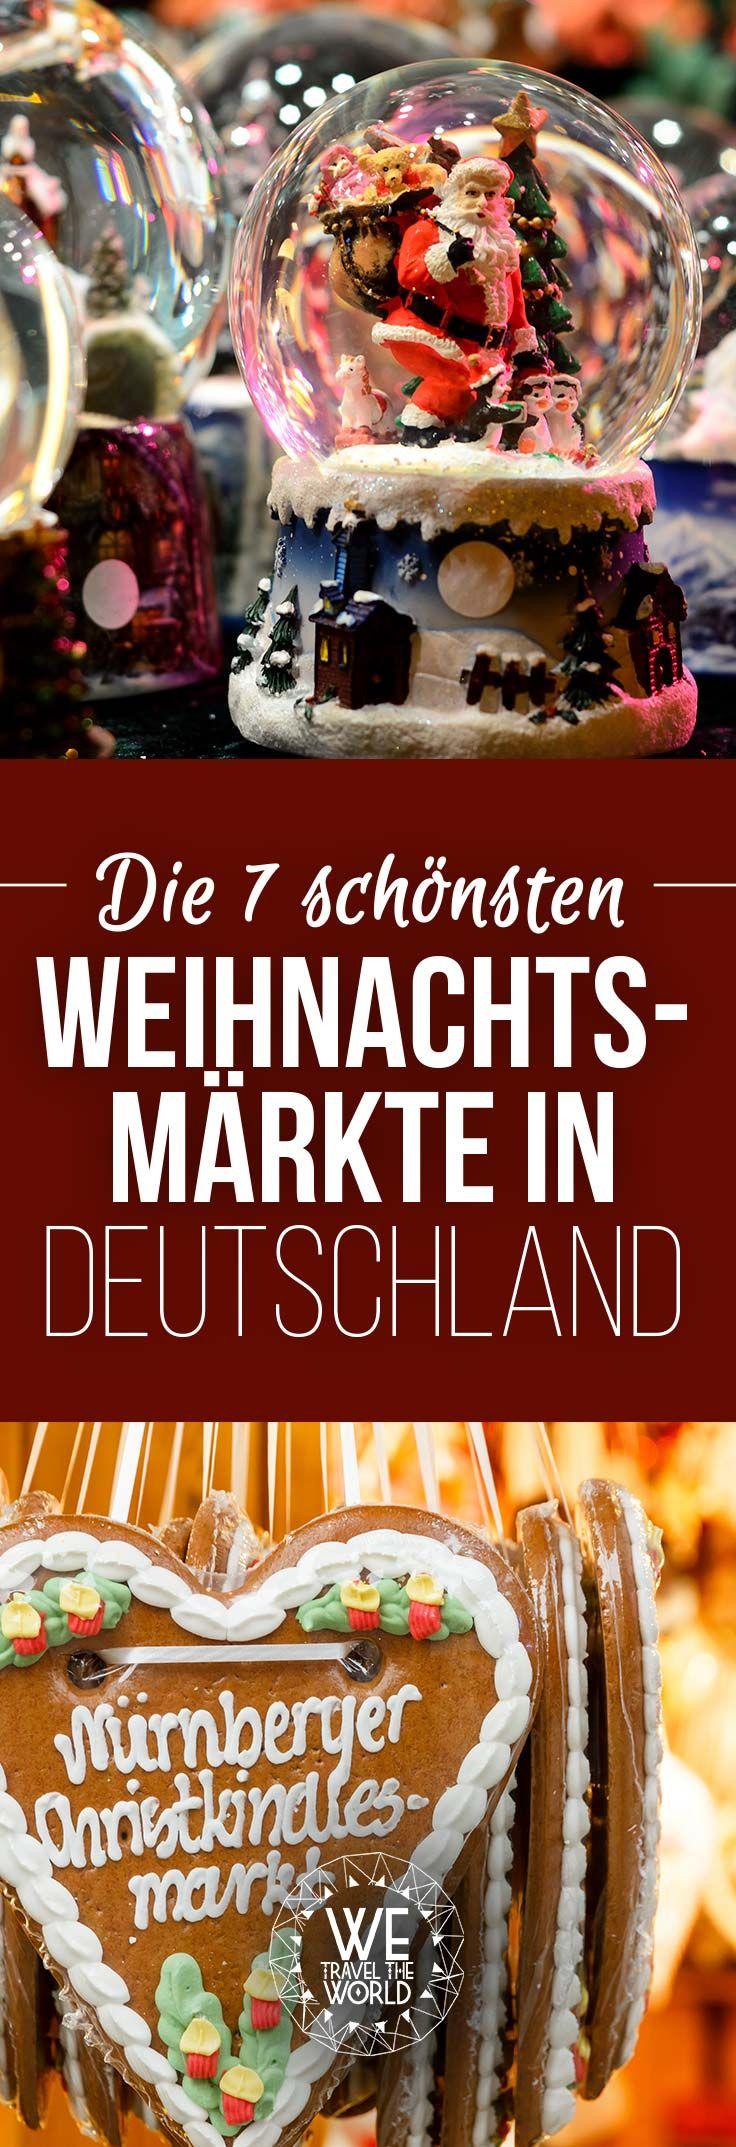 Schöne Weihnachtsmärkte Deutschland: Wir zeigen dir, dass sich eine Reise zu den besten Weihnachtsmärkten lohnt.